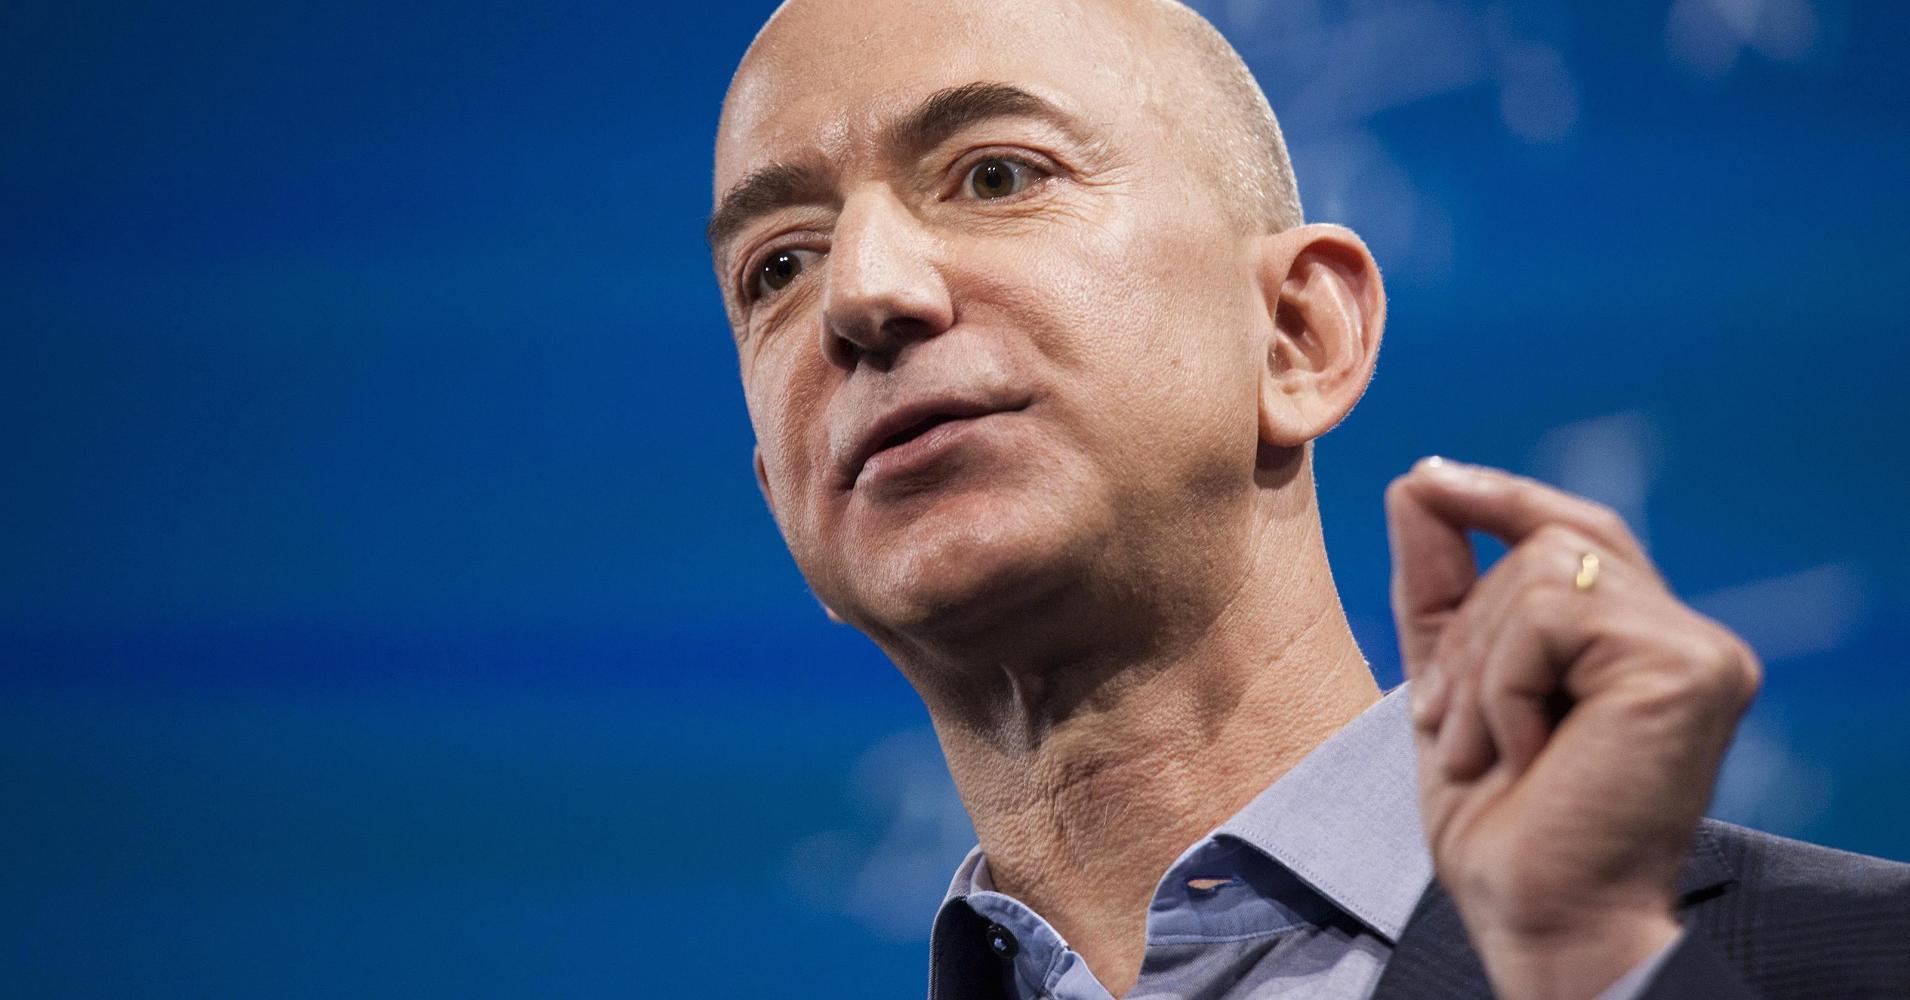 Jeff Bezos sắp vượt Bill Gates để trở thành tỷ phú giàu nhất TG? - 1